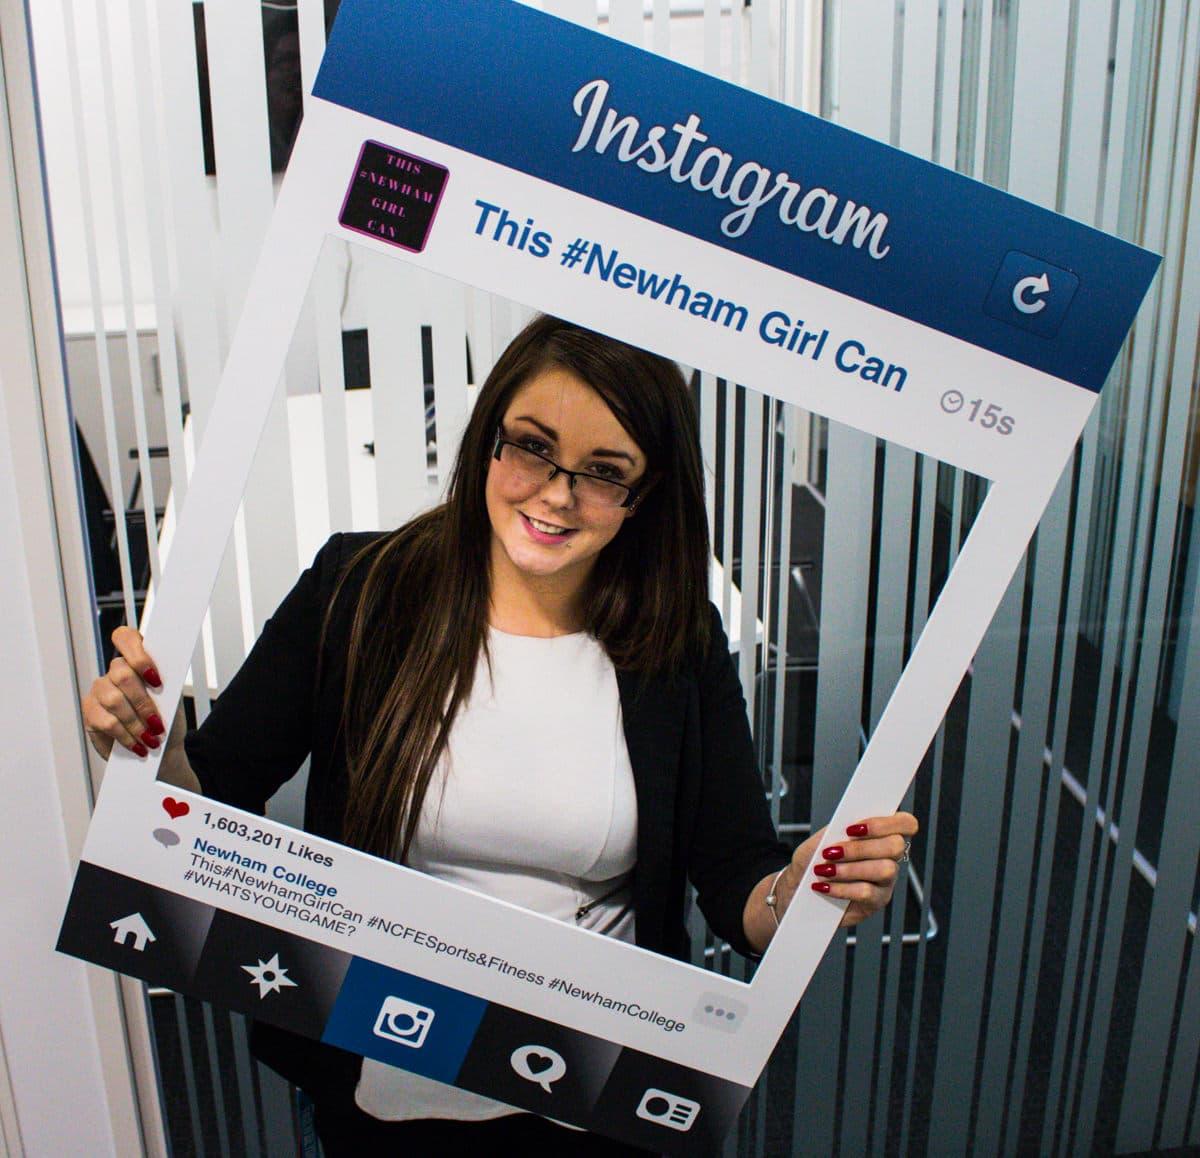 Instagram Selfie Frame Printing - Newham College